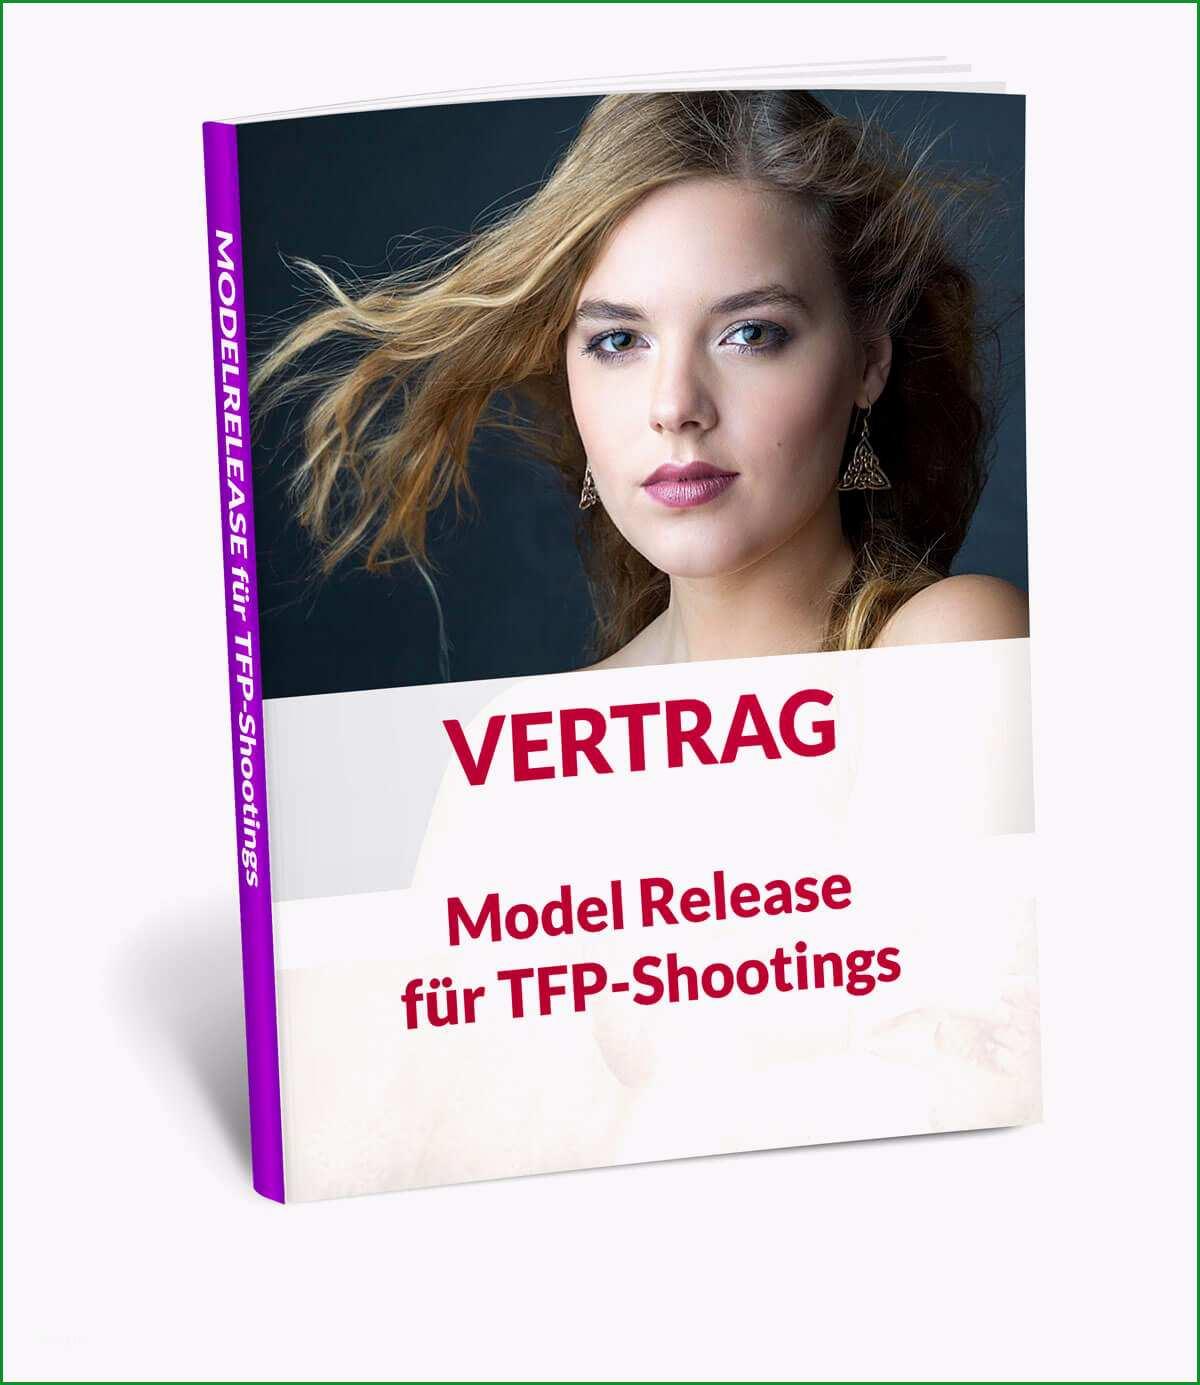 tfp vertrag model release